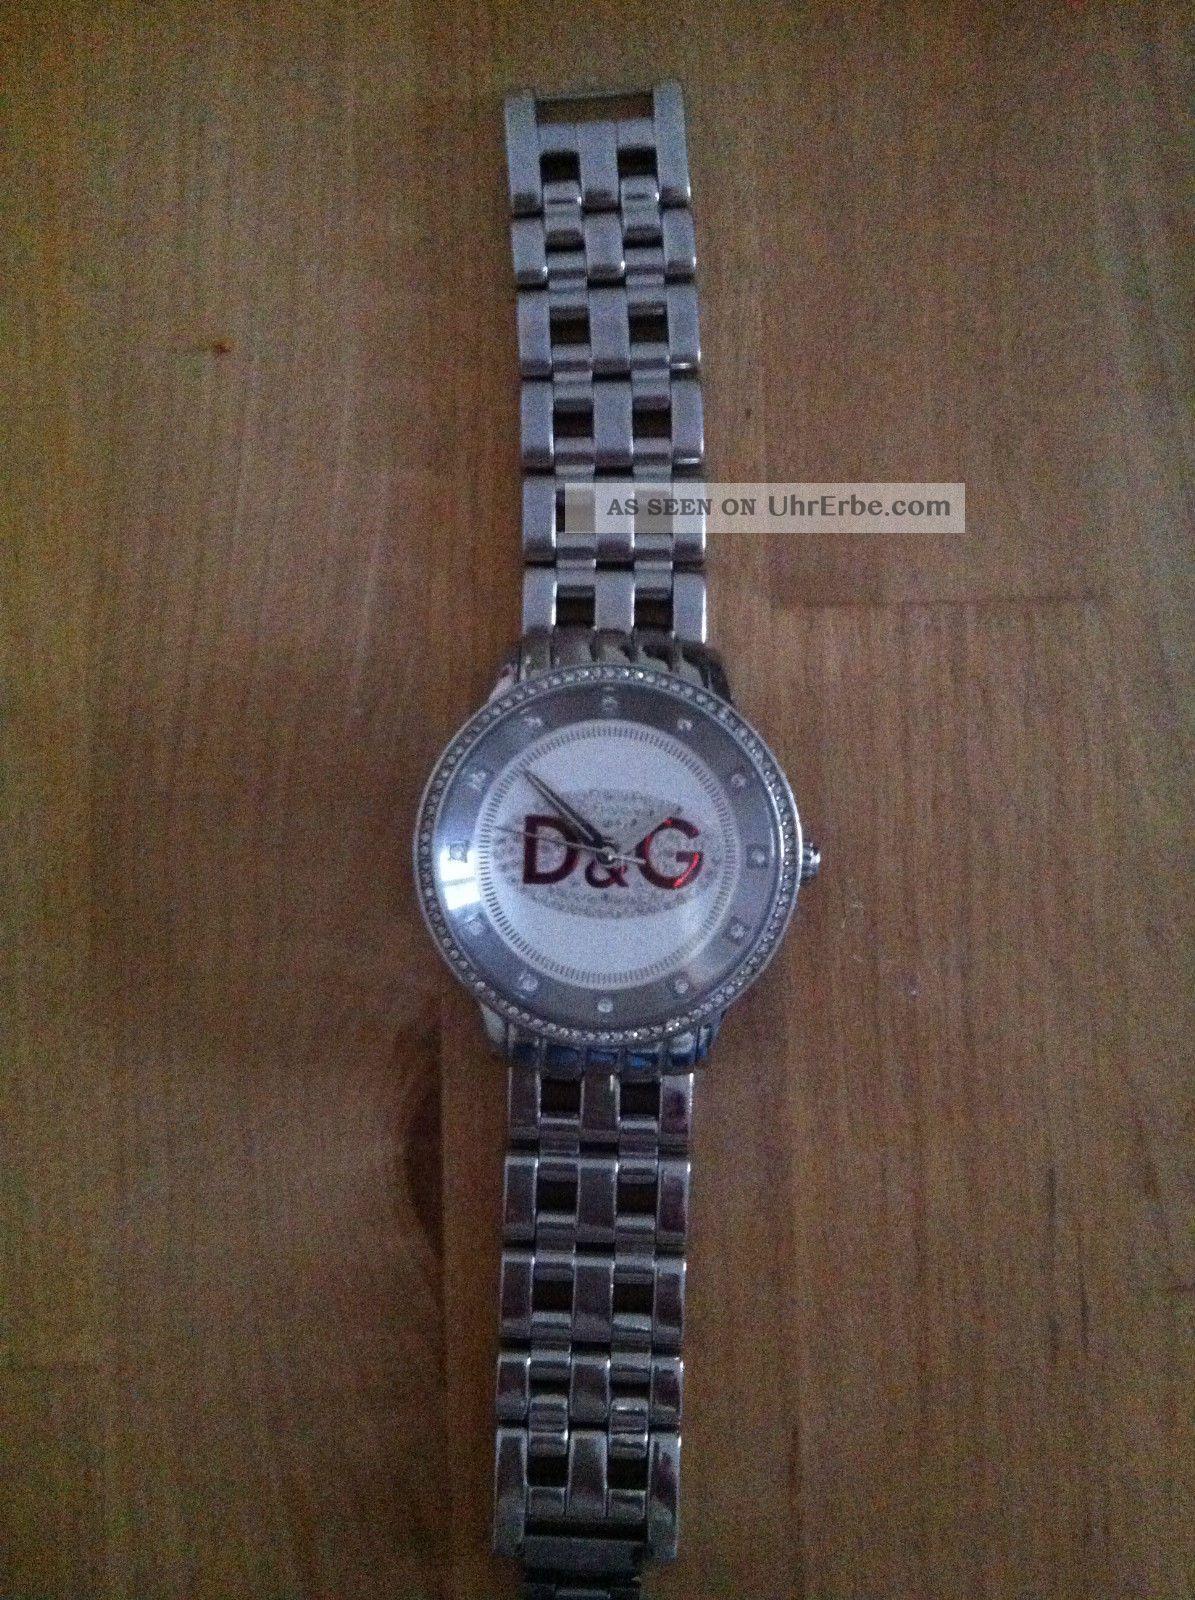 D&g Armbanduhr Dw0144 Armbanduhren Bild